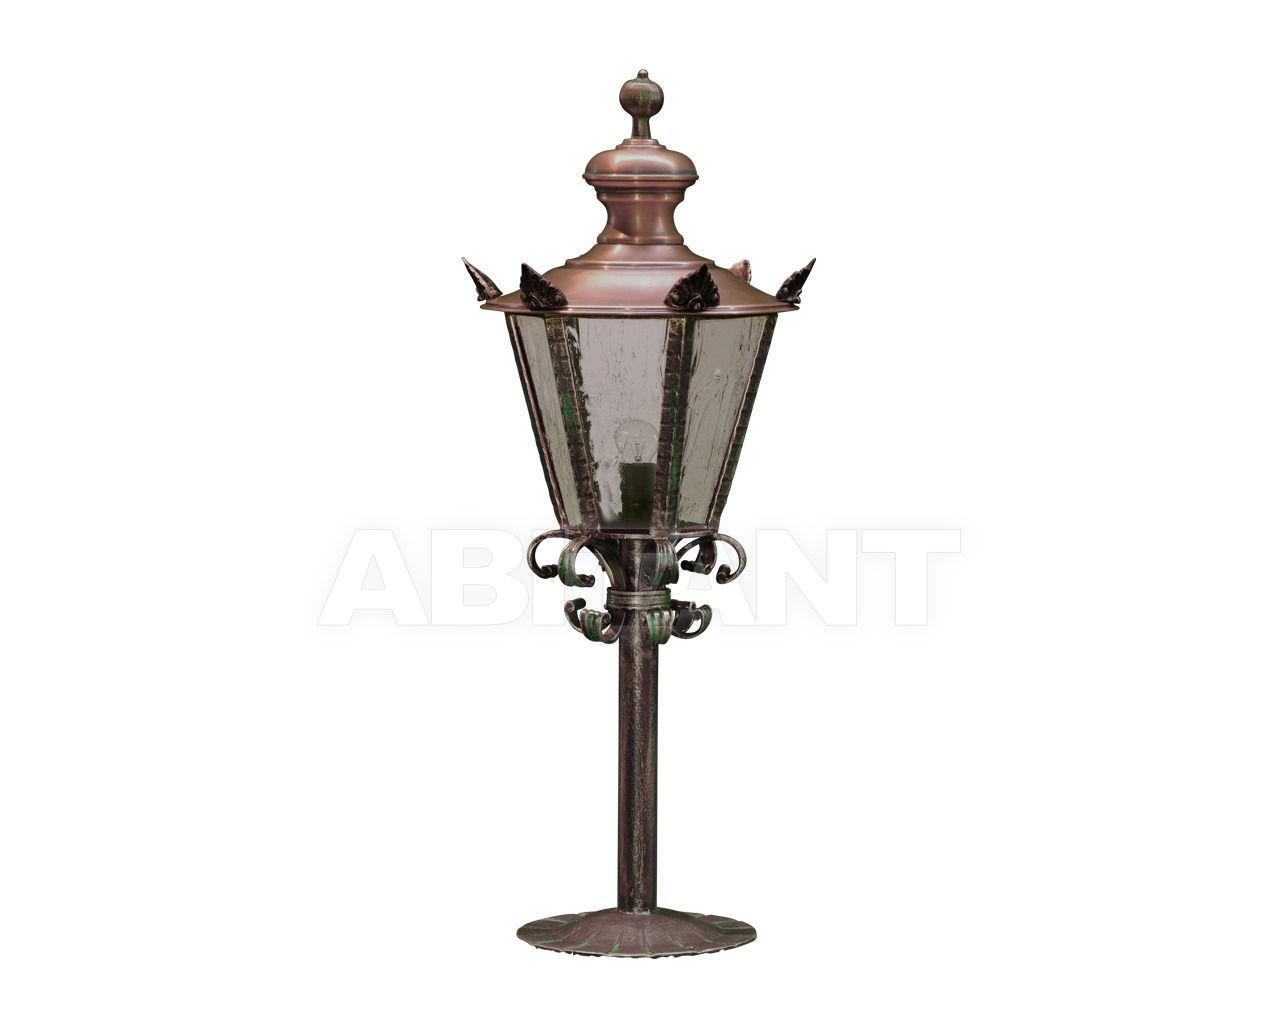 Купить Садовый светильник FMB Leuchten Schmiedeeisen Lampen Und Leuchten 90410